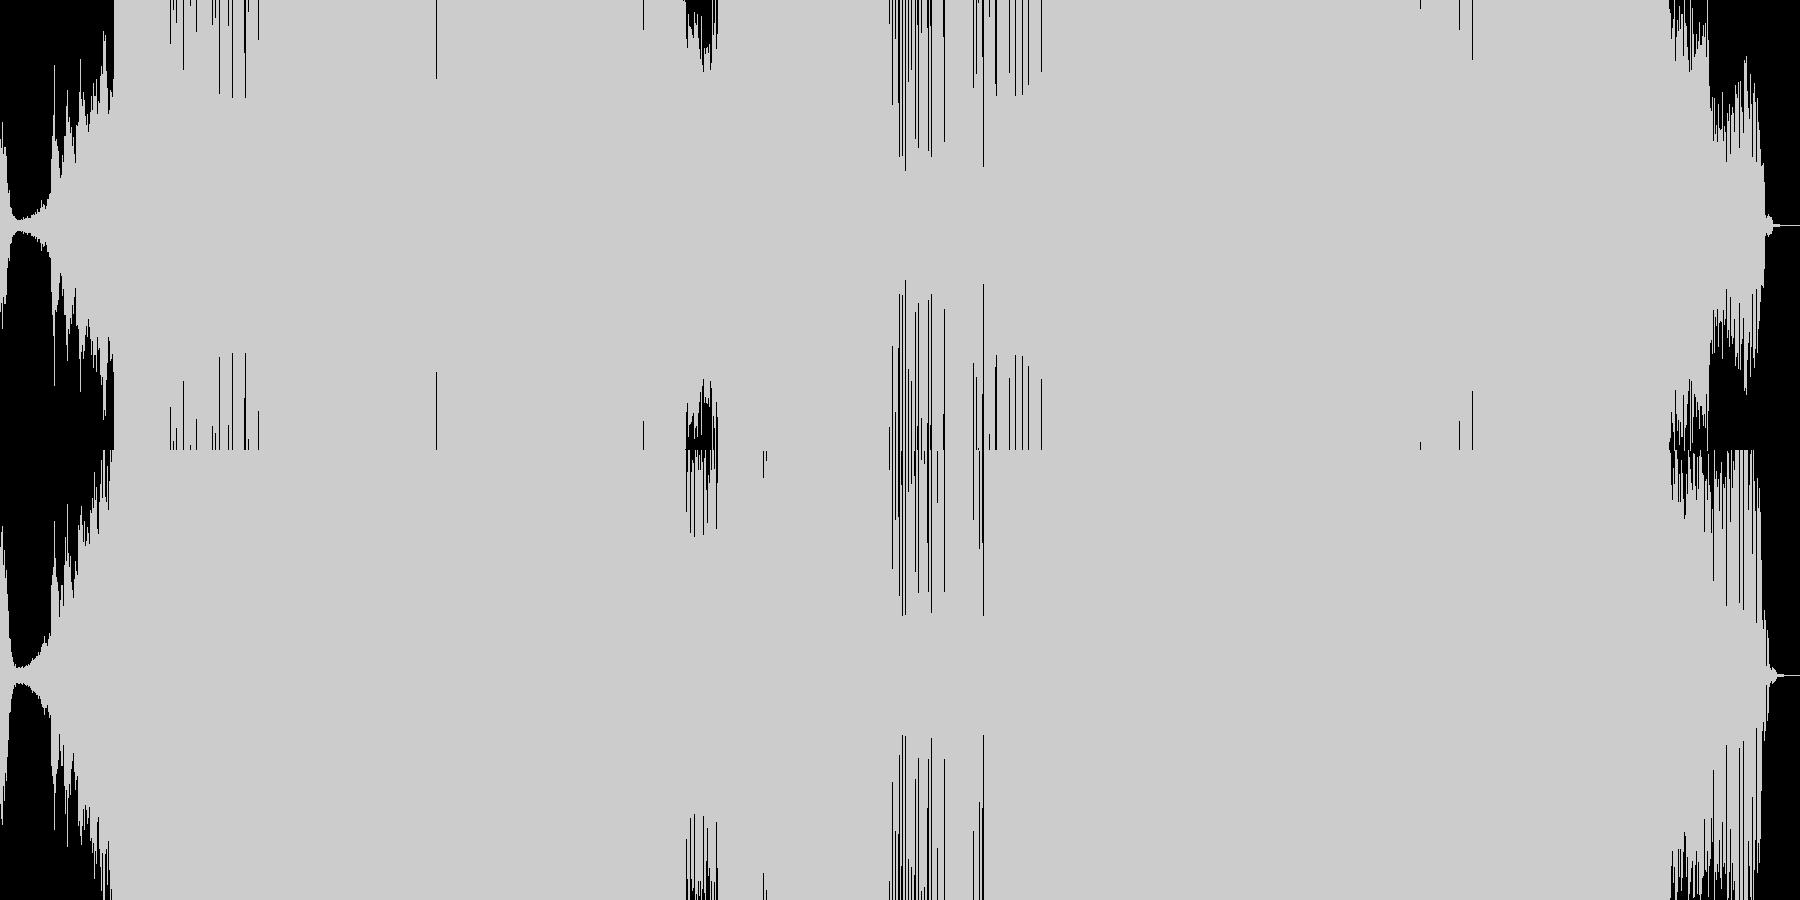 幻想的なイメージからのダンス曲の未再生の波形